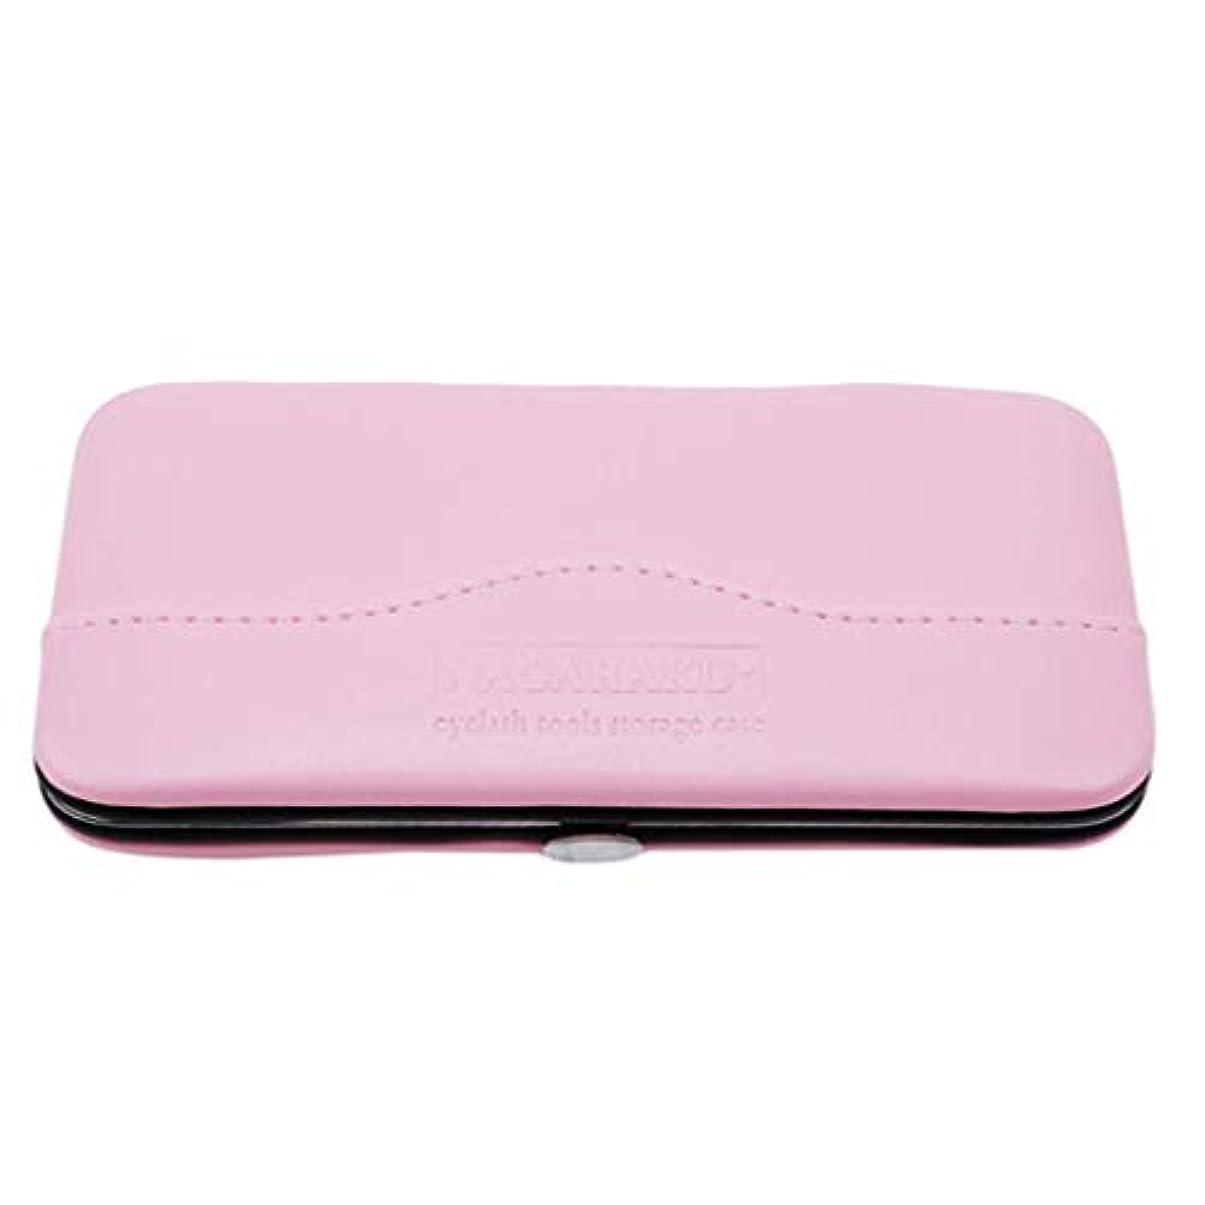 失望できれば壮大1st market プレミアム品質1ピース化粧道具バッグ用まつげエクステンションピンセット収納ボックスケース